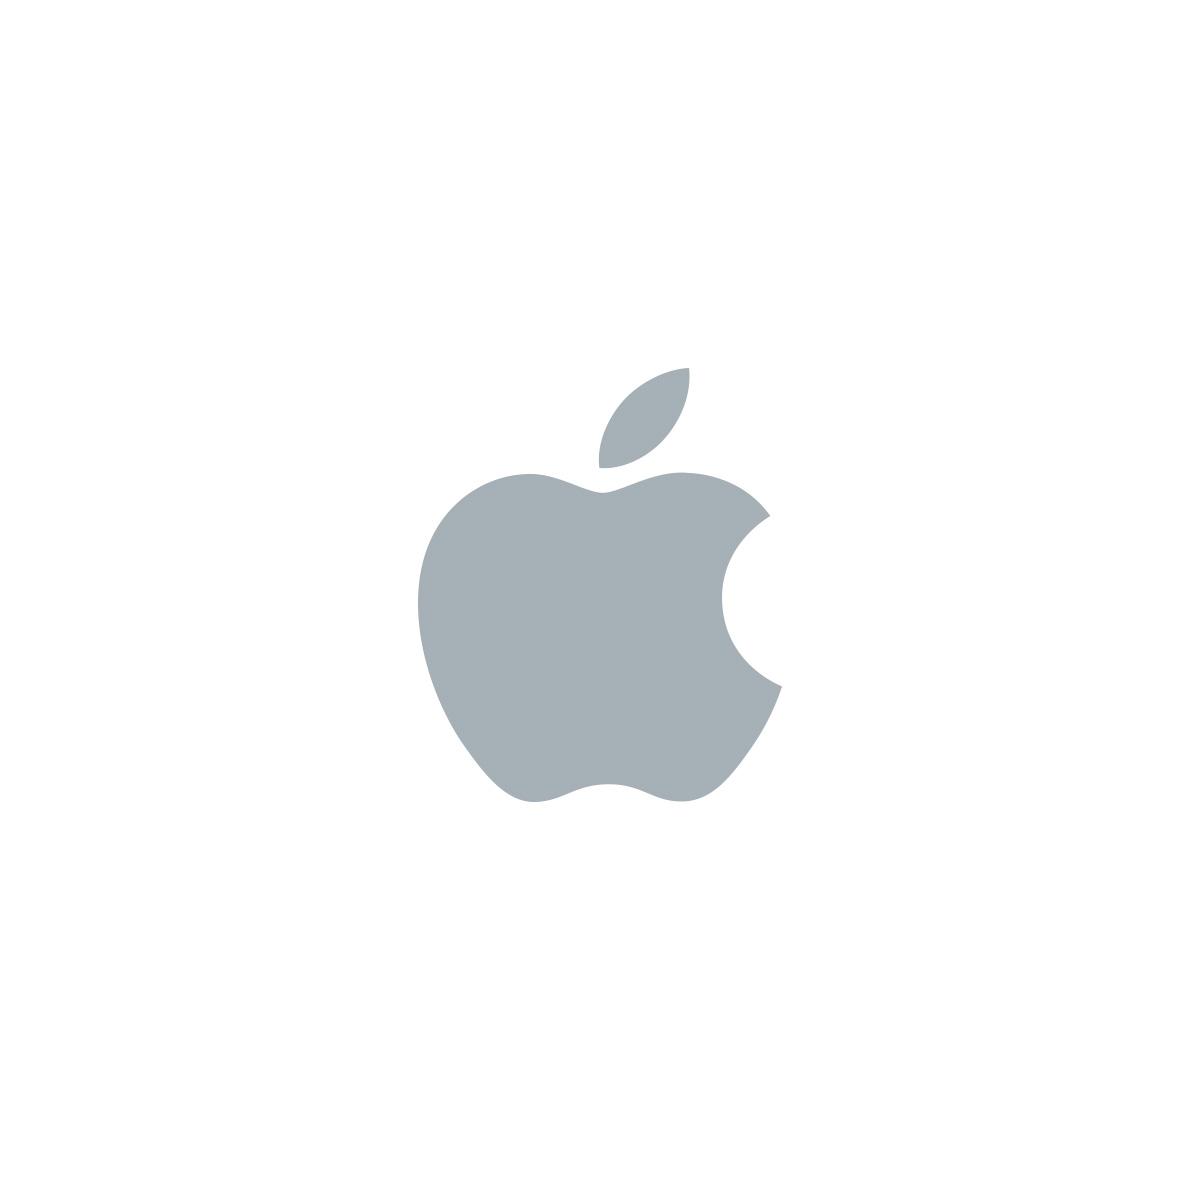 Churchill Square - Apple Store